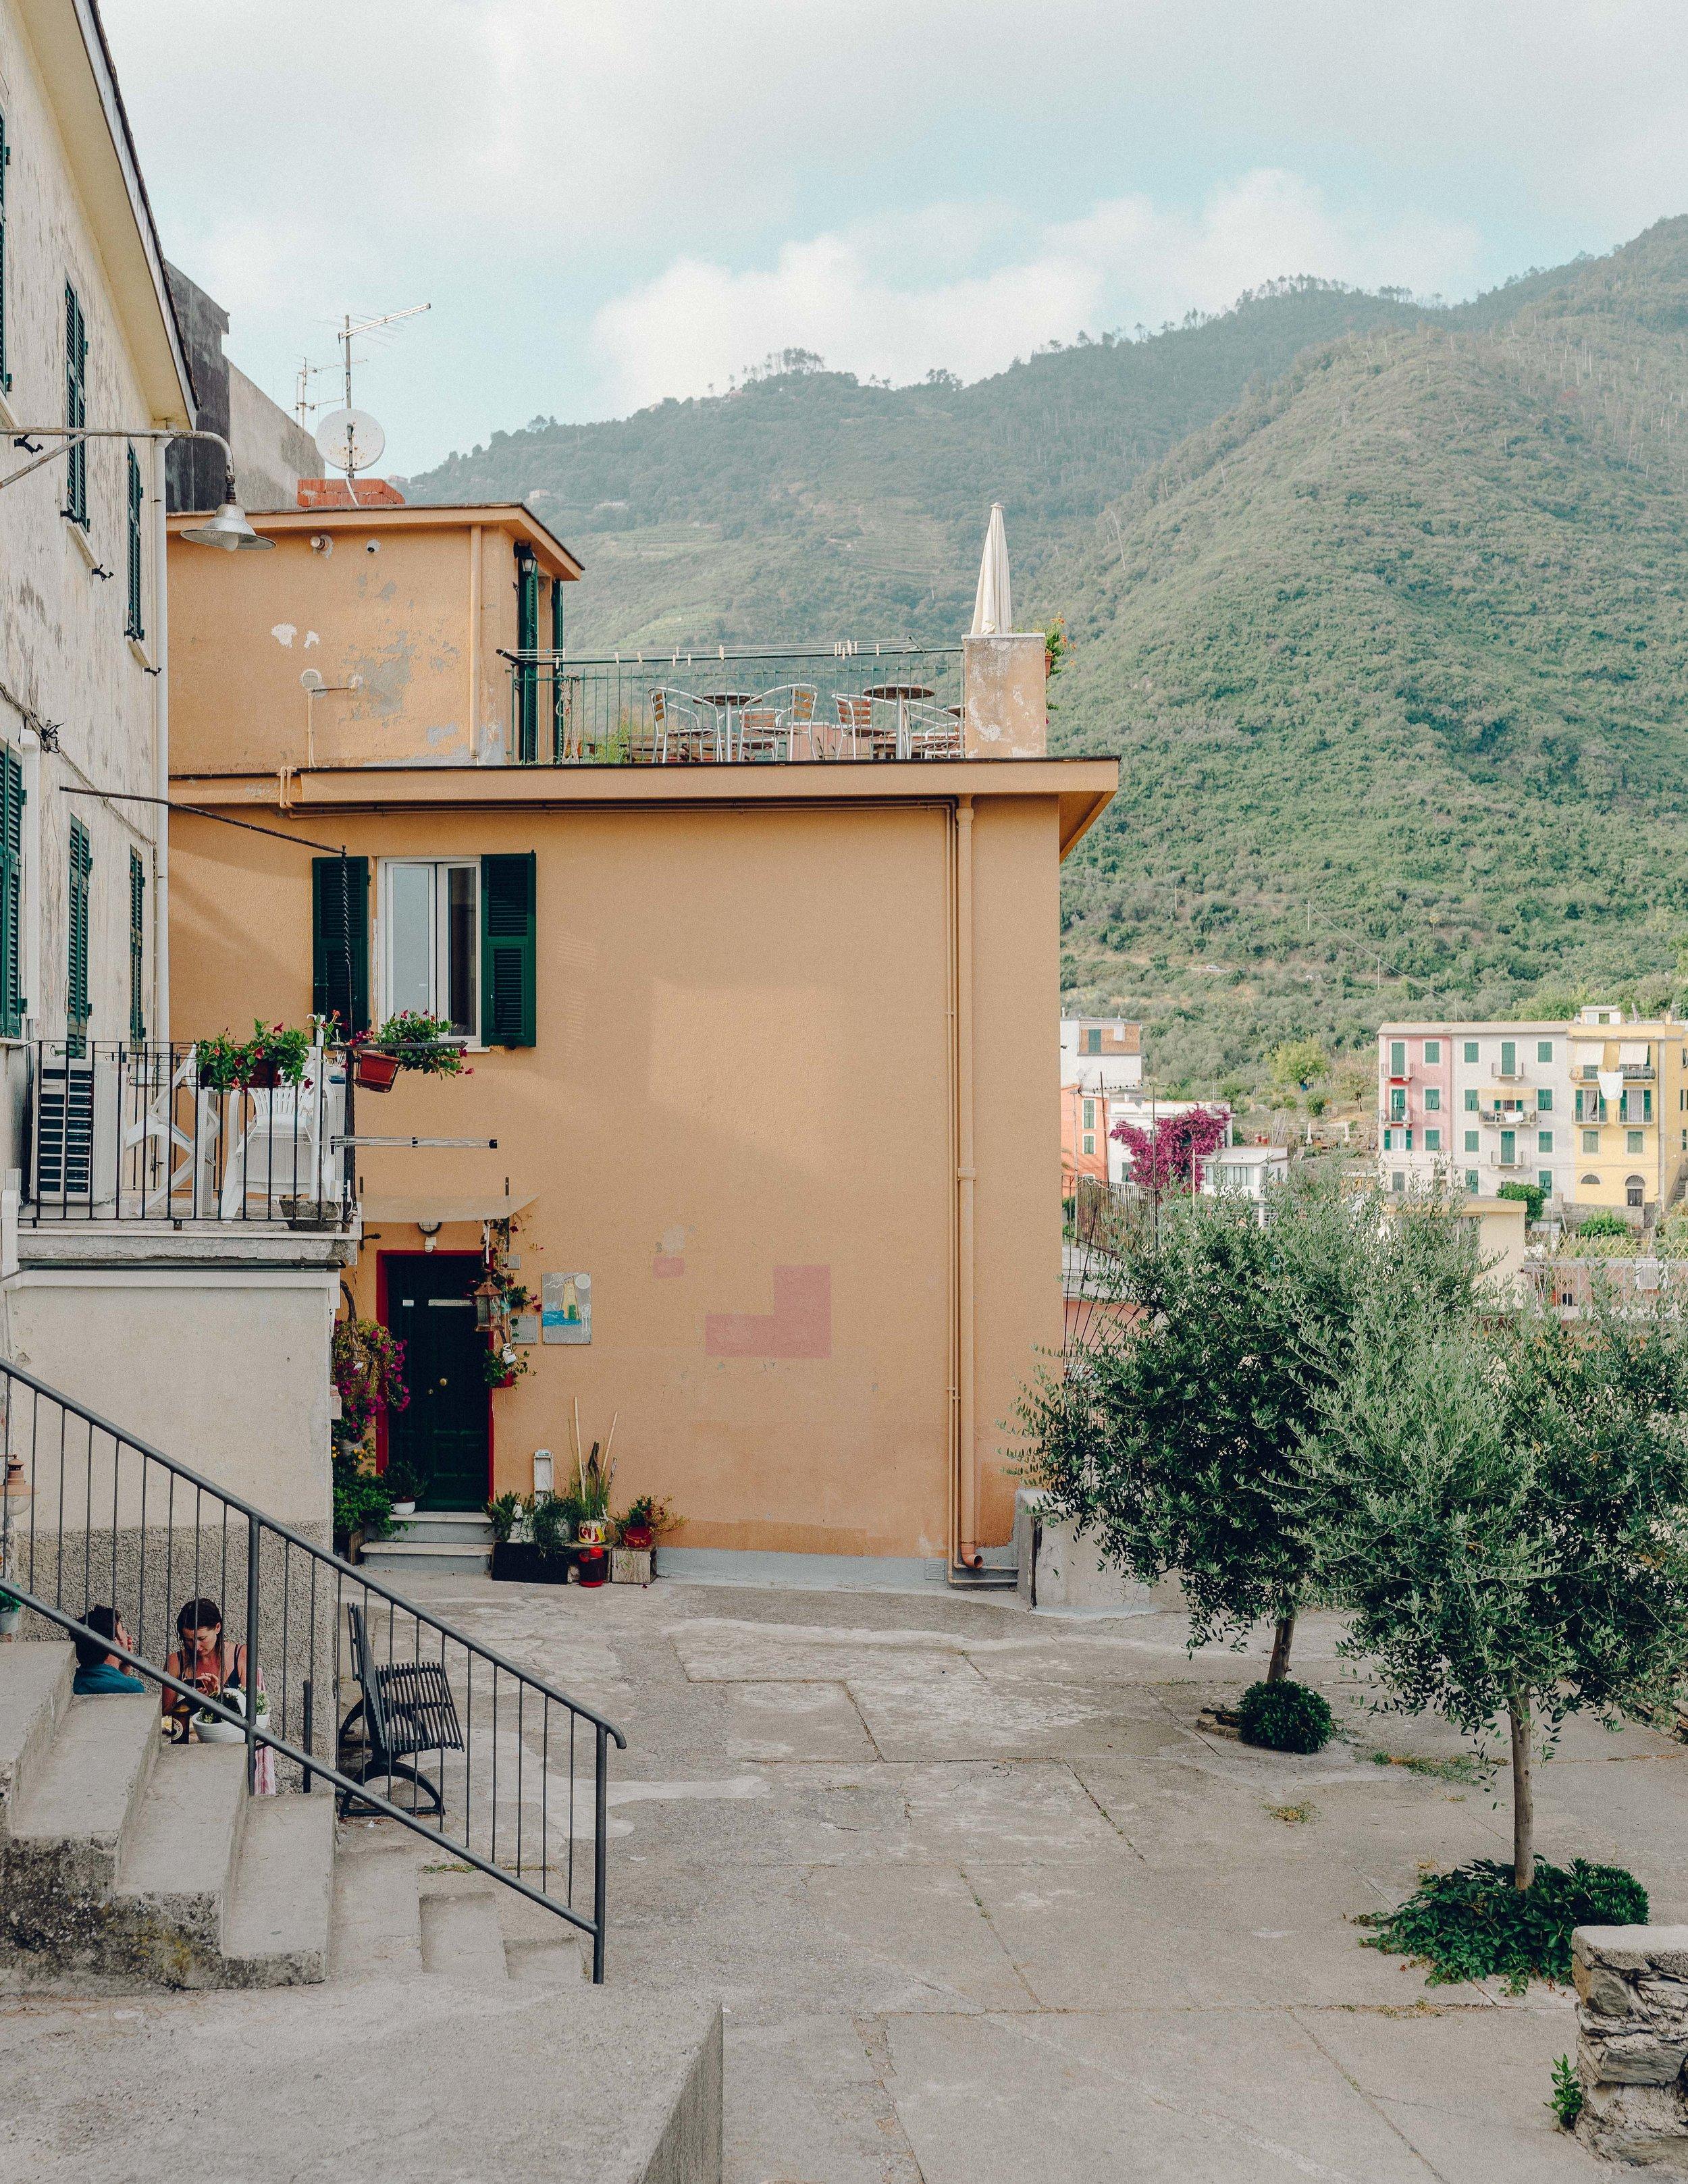 ASROSENVINGE_Roadtrip_Italy_Cinque_Terre-08154.jpg